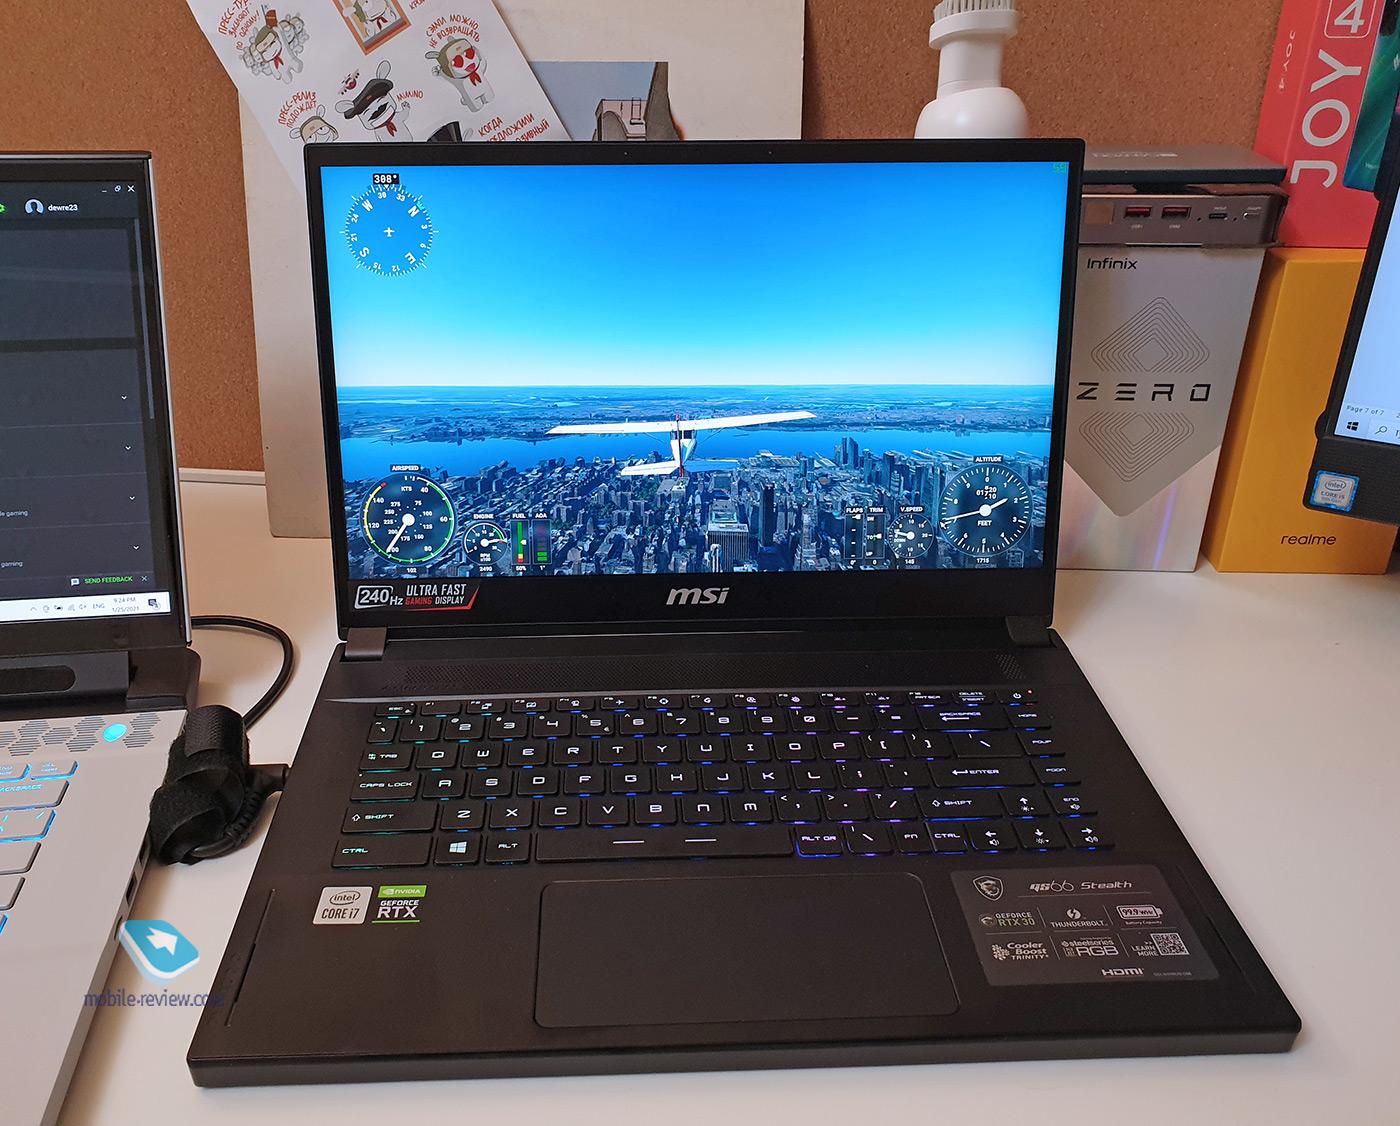 7 главных гаджетов января и умный унитаз NUMI 2.0, на который не стыдно присесть и царю можно, только, будет, Xiaomi, унитаз, очень, который, iPhone, просто, Charger, Kohler, технология, Laptop, играть, экран, Alienware, ноутбука, которая, обязательно, возможность